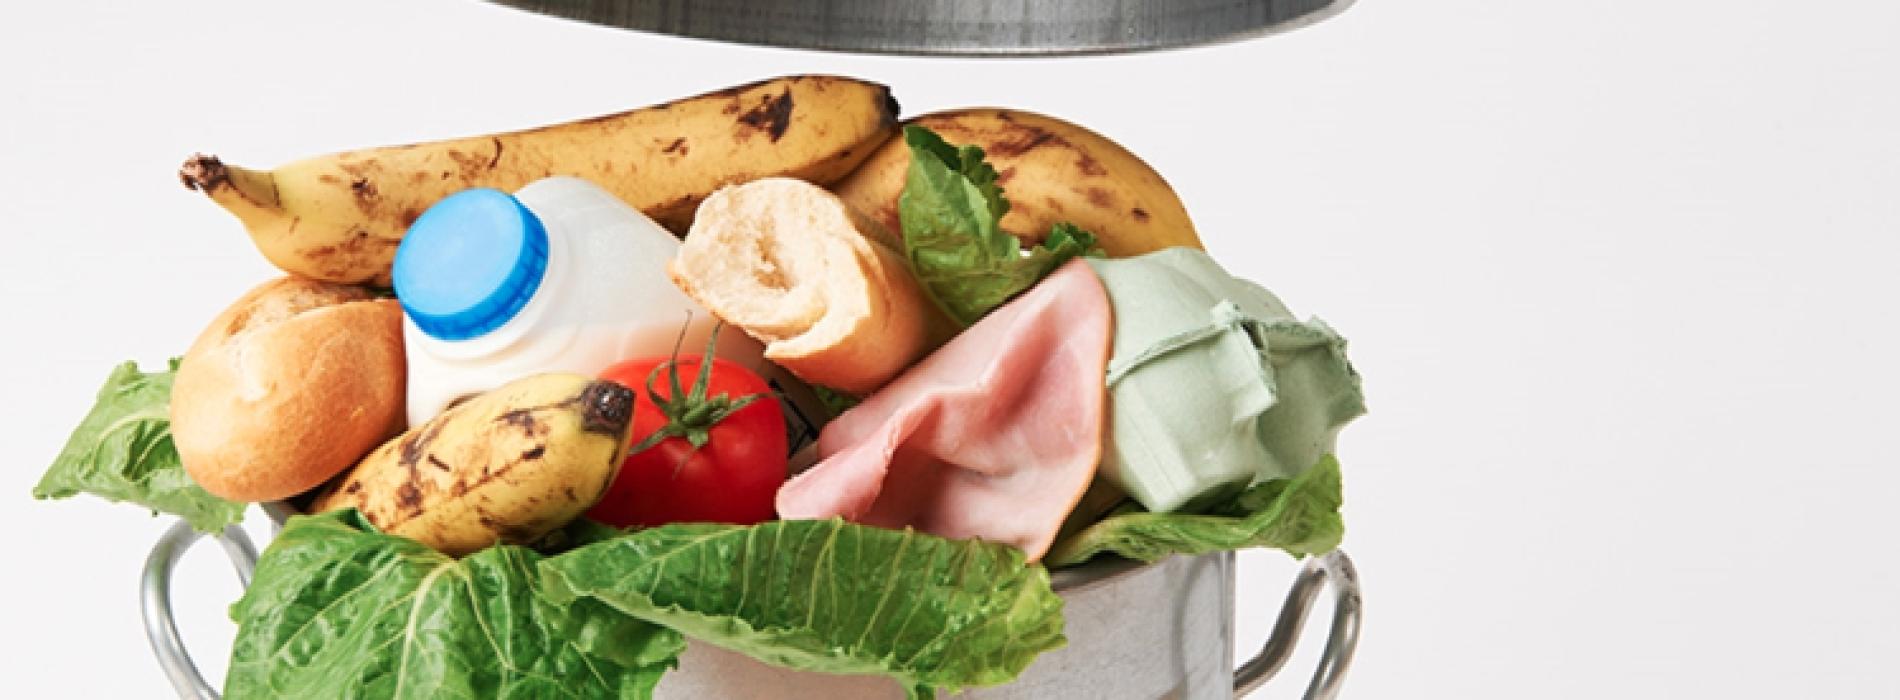 Spreco alimentare. Il Rotary Club Caserta Reggia si mobilita